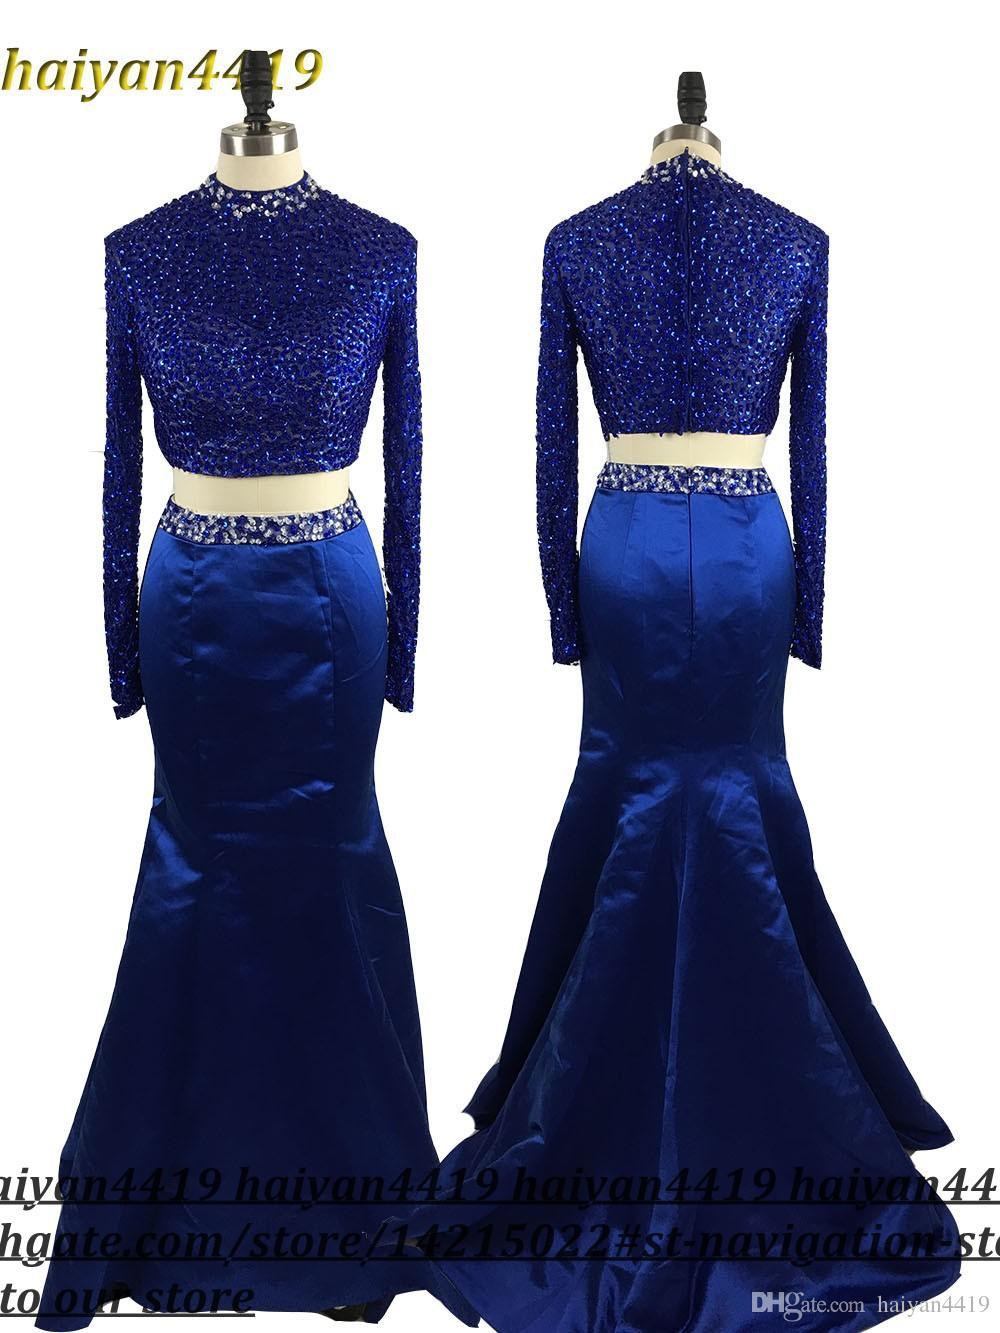 2017 새로운 두 조각 무도회 드레스 높은 칼라 크리스탈 페르시 긴 인어 2 개 다시 오픈 로얄 블루 공식 파티 드레스 이브닝 가운